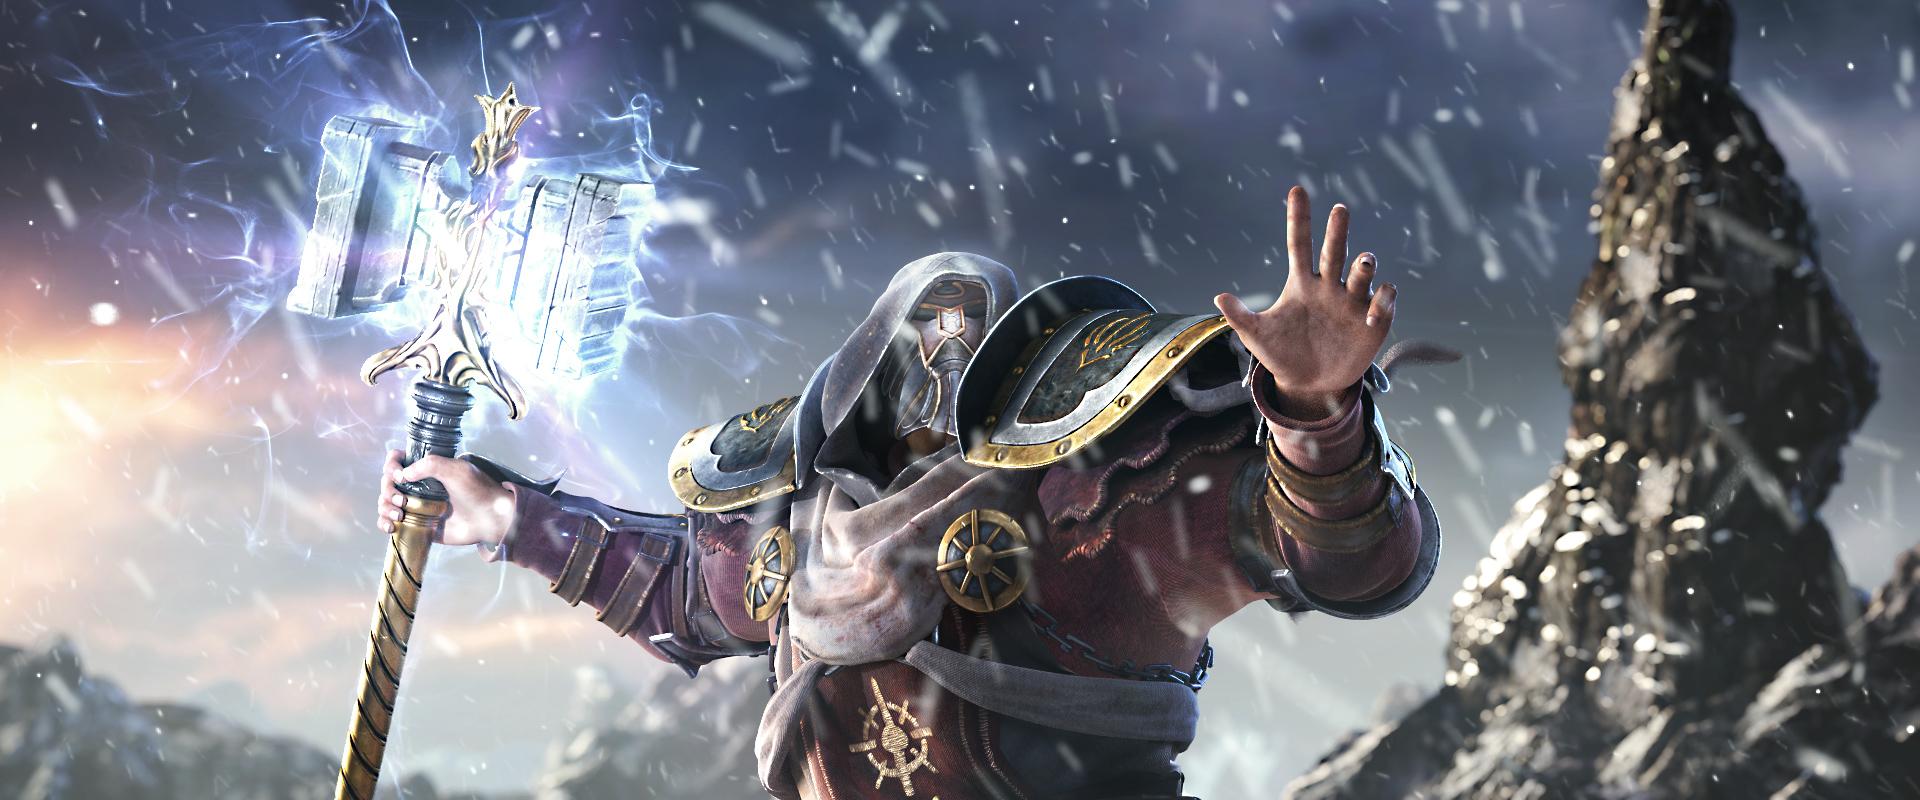 První trailer z next-gen RPG Lords of the Fallen 86366